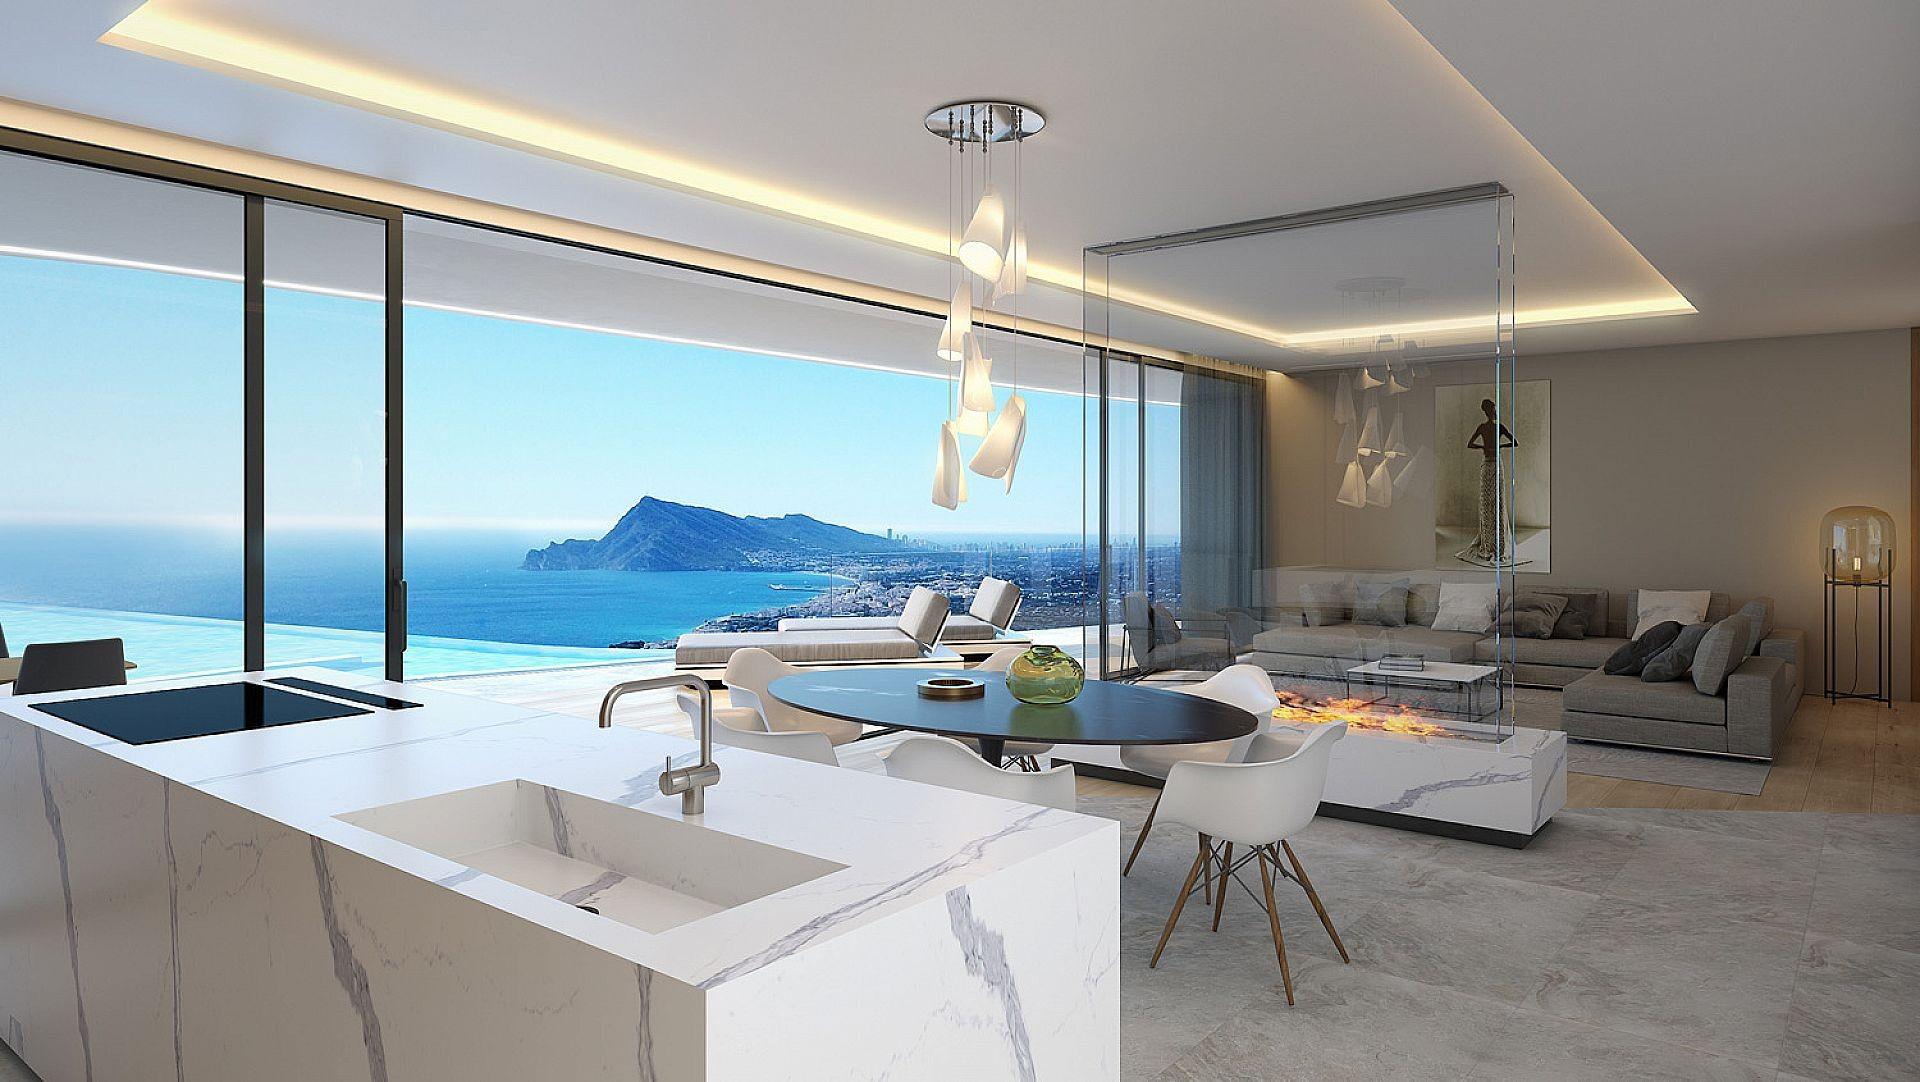 4 bedroom Villa in Altea - Max Villas